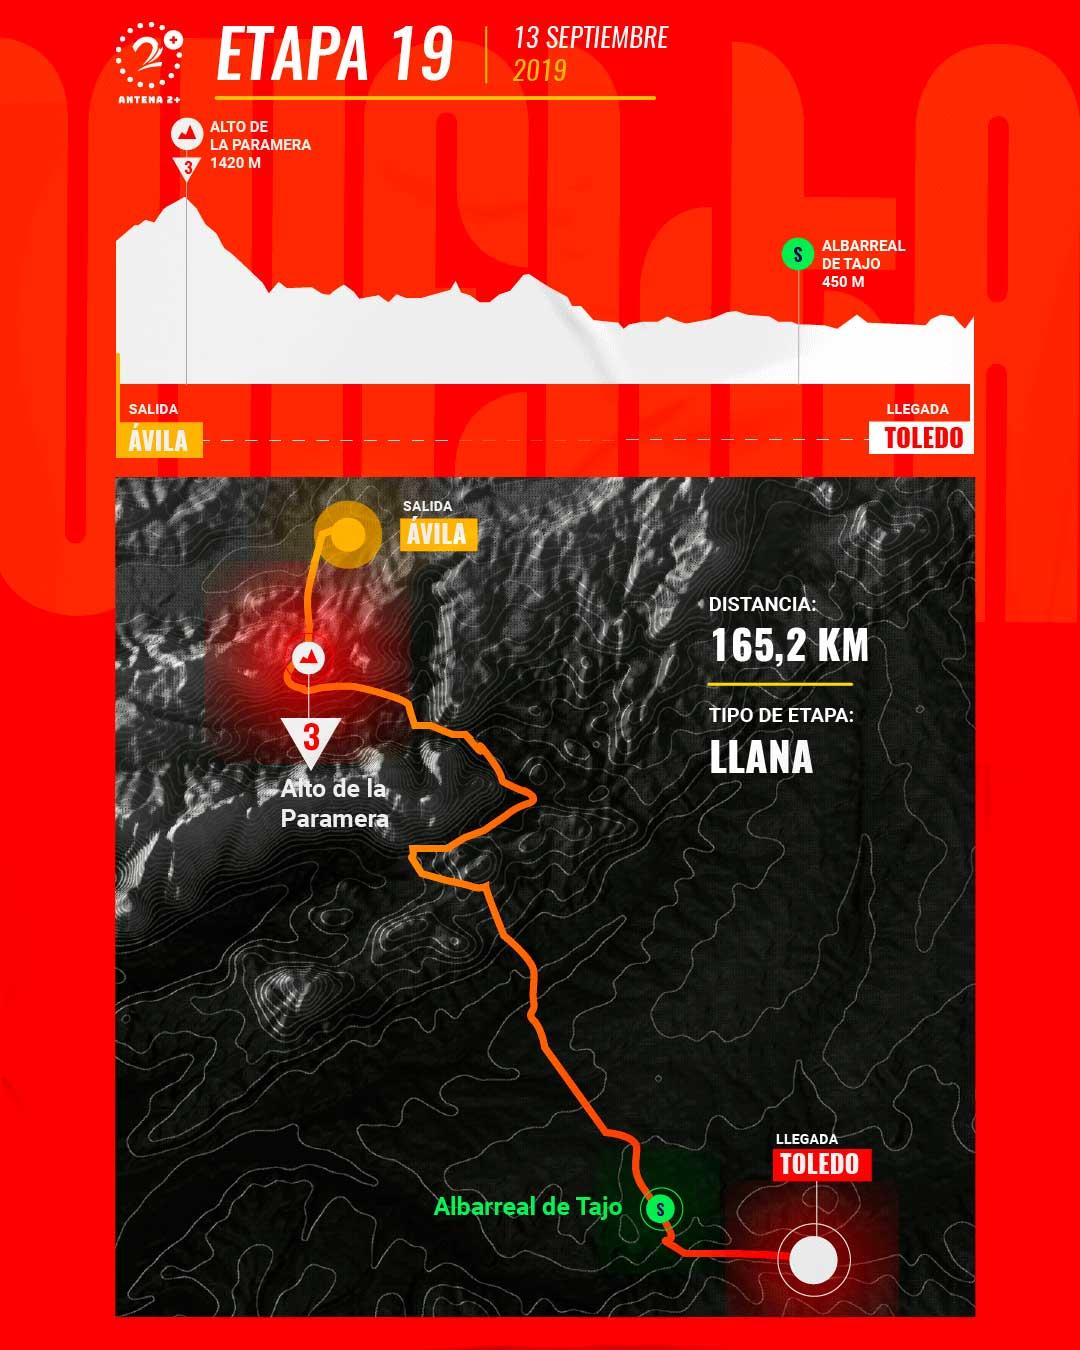 Etapa 19, Vuelta a España 2019